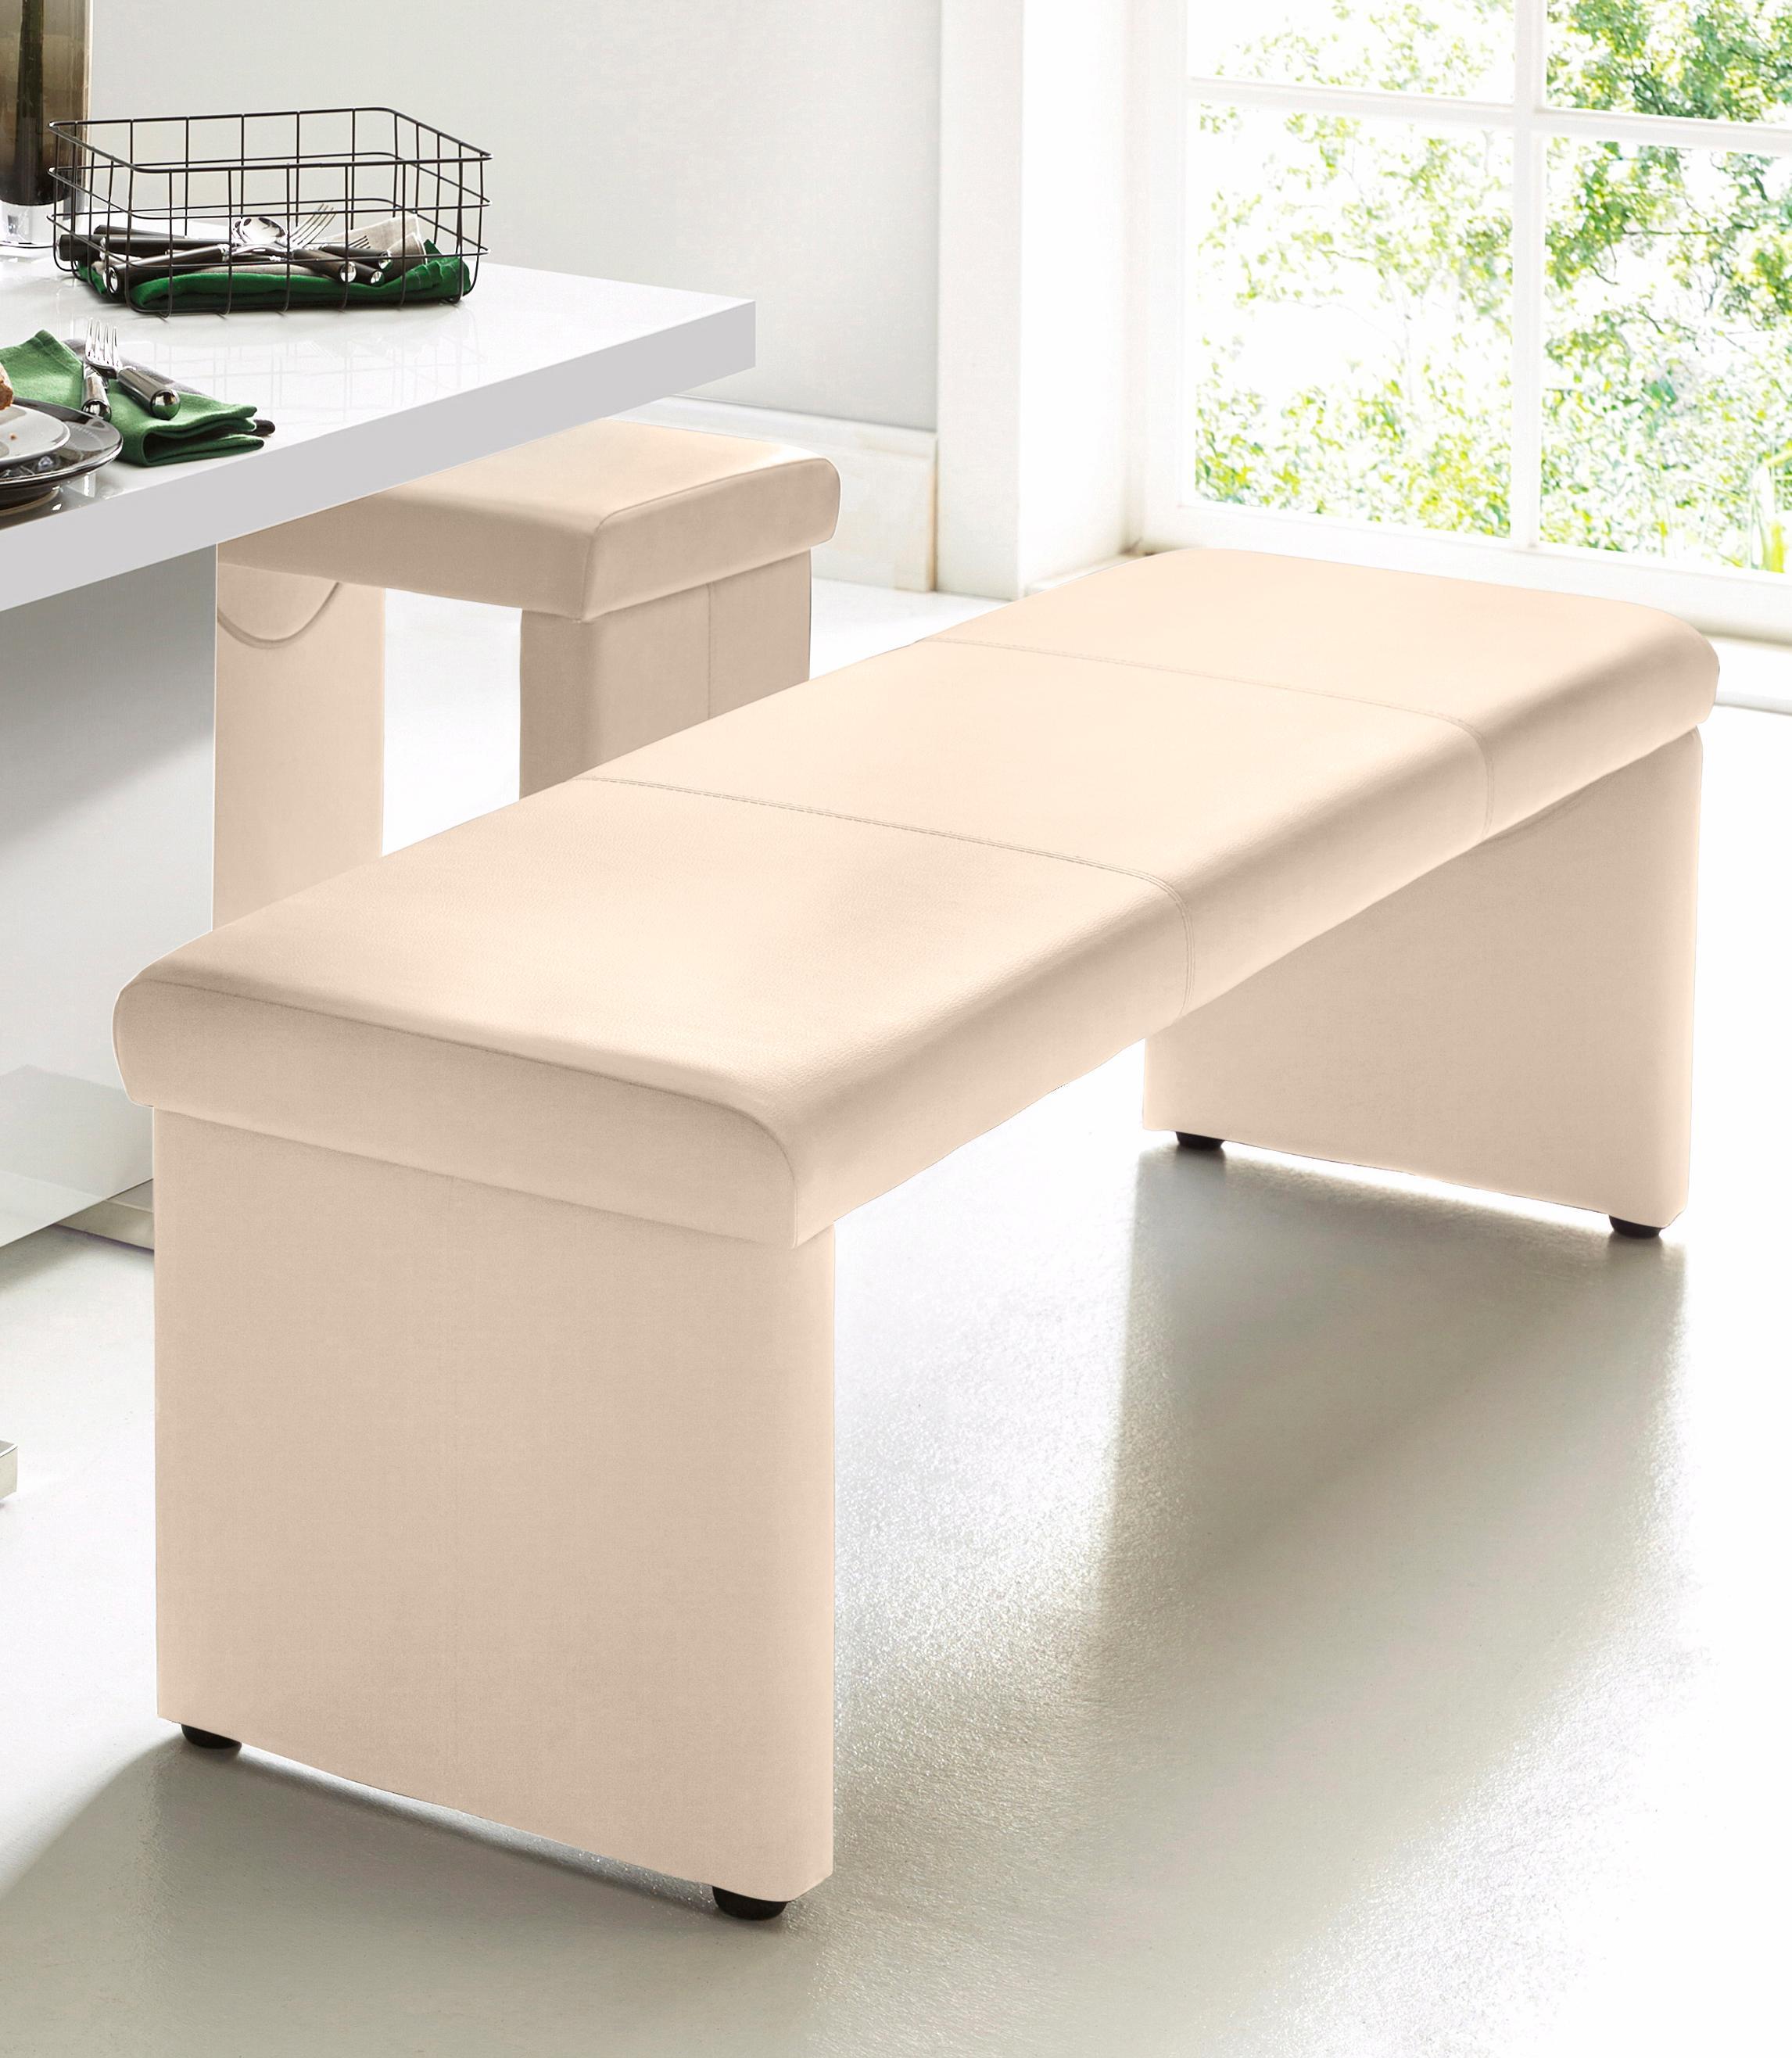 Homexperts Sitzbank (1 Stück) | Küche und Esszimmer > Sitzbänke > Einfache Sitzbänke | Homexperts